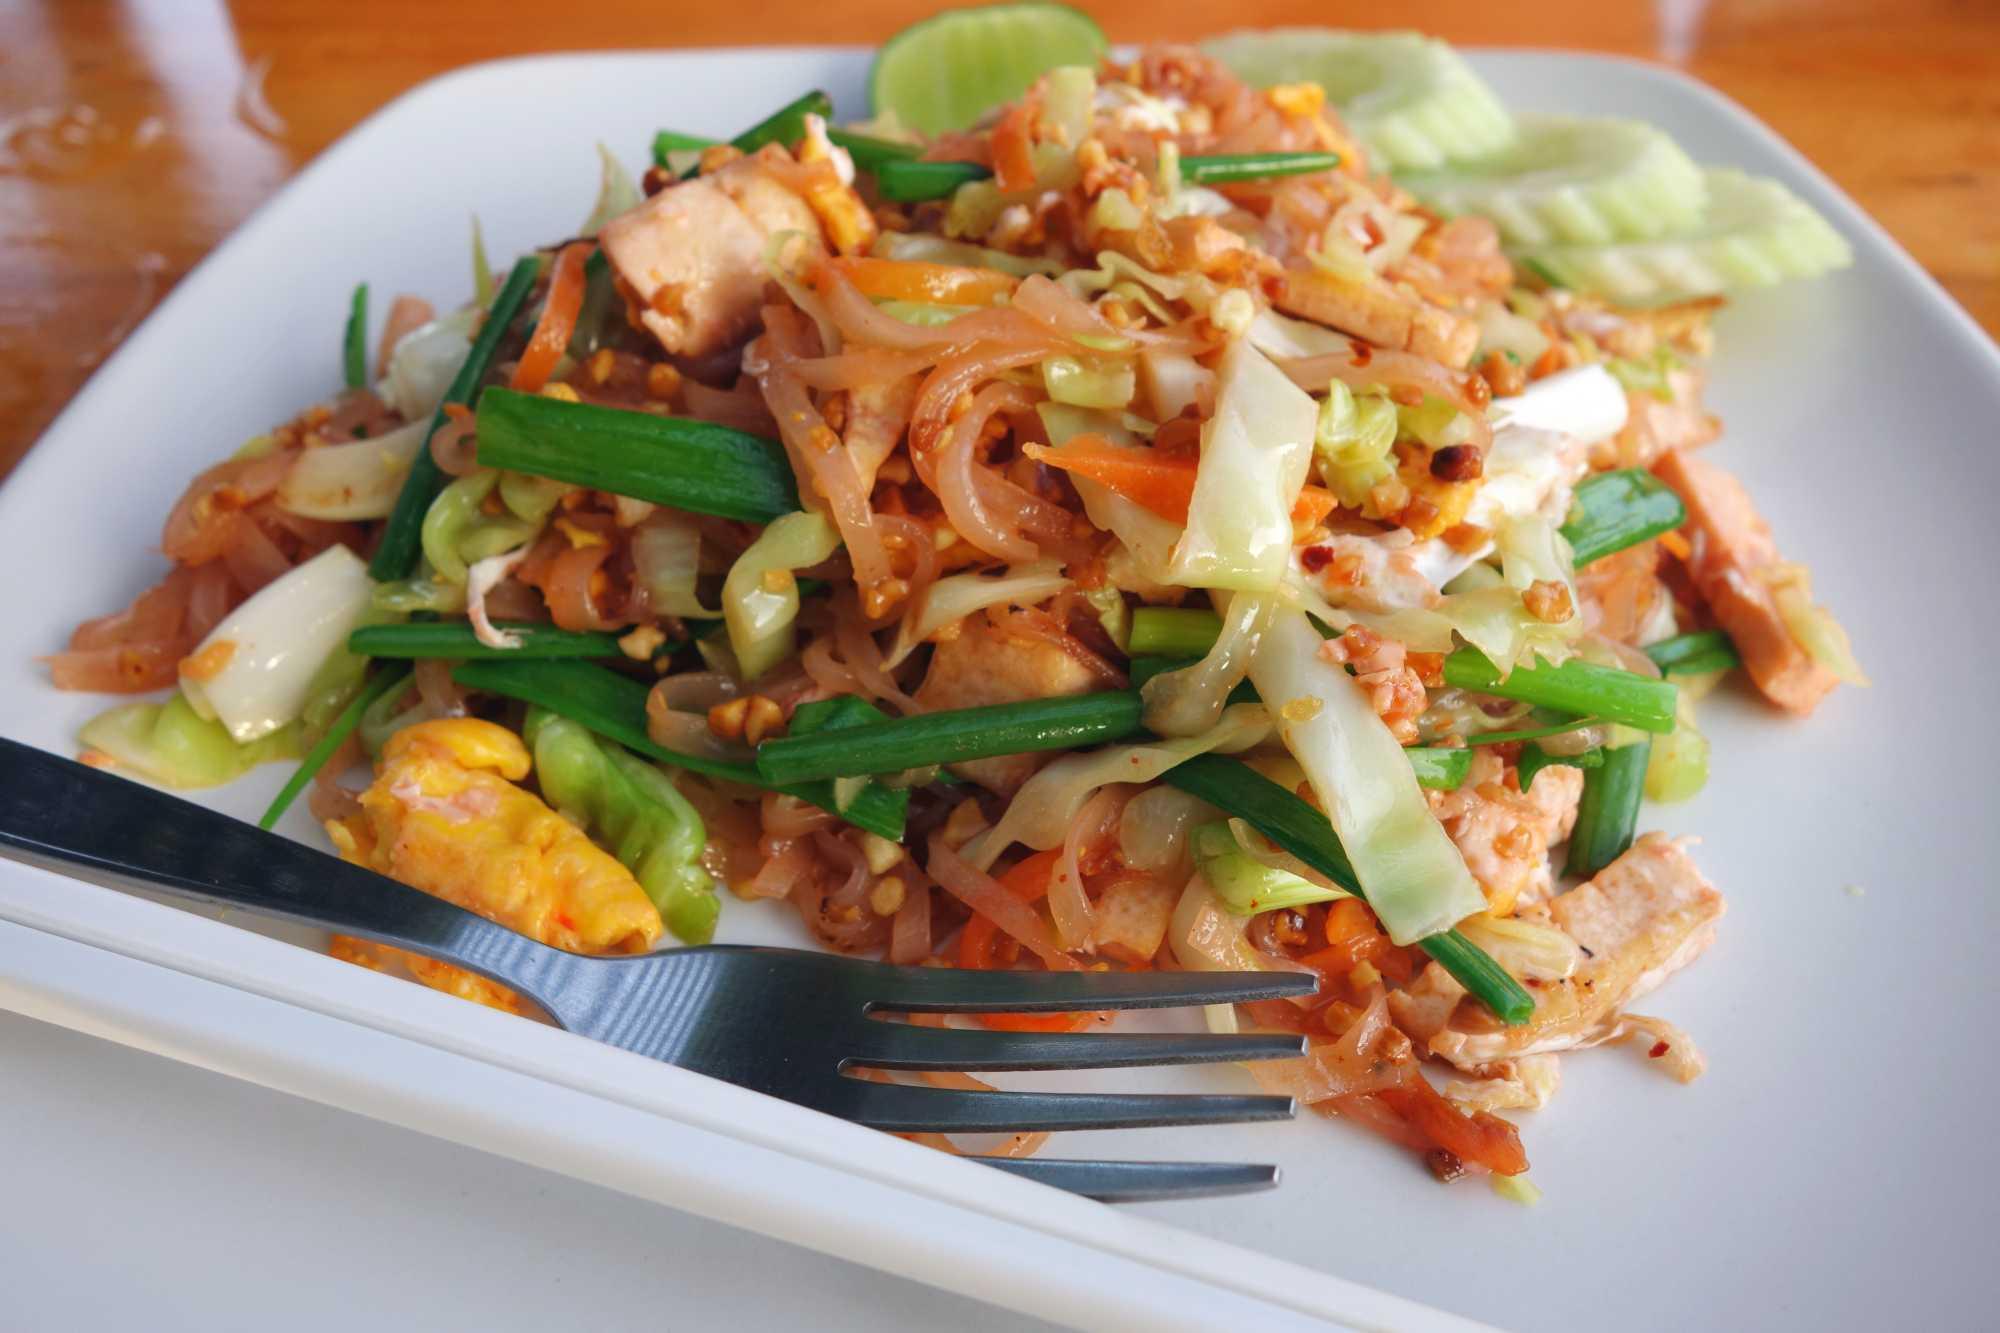 Thailandische Kuche Thailands Leckerbisschen